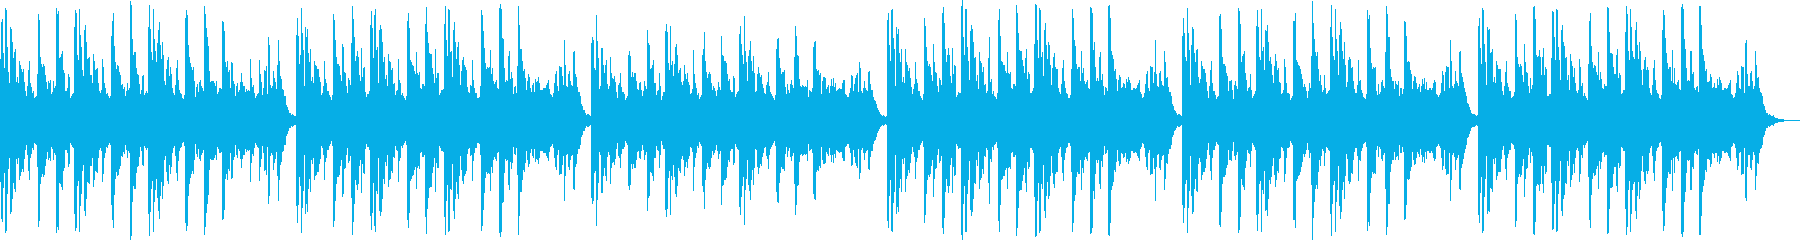 透明感のあるシンセサイザーサウンドの再生済みの波形